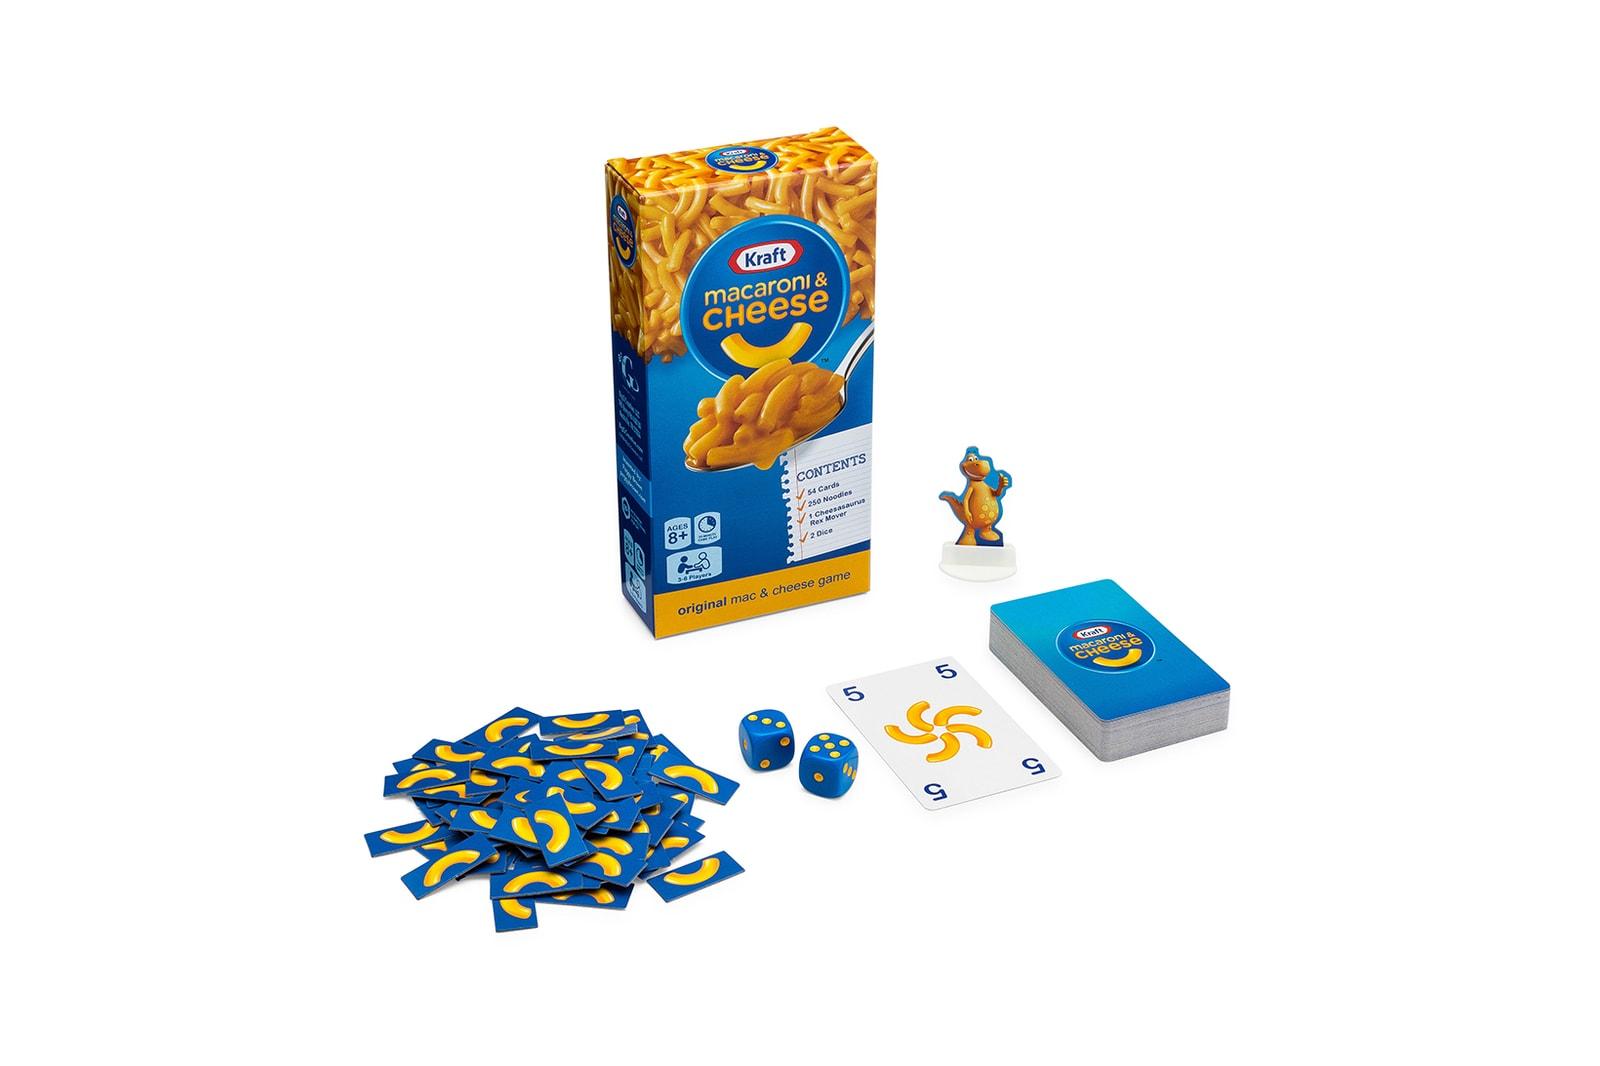 Kraft Macaroni Mac and Cheese Board Game